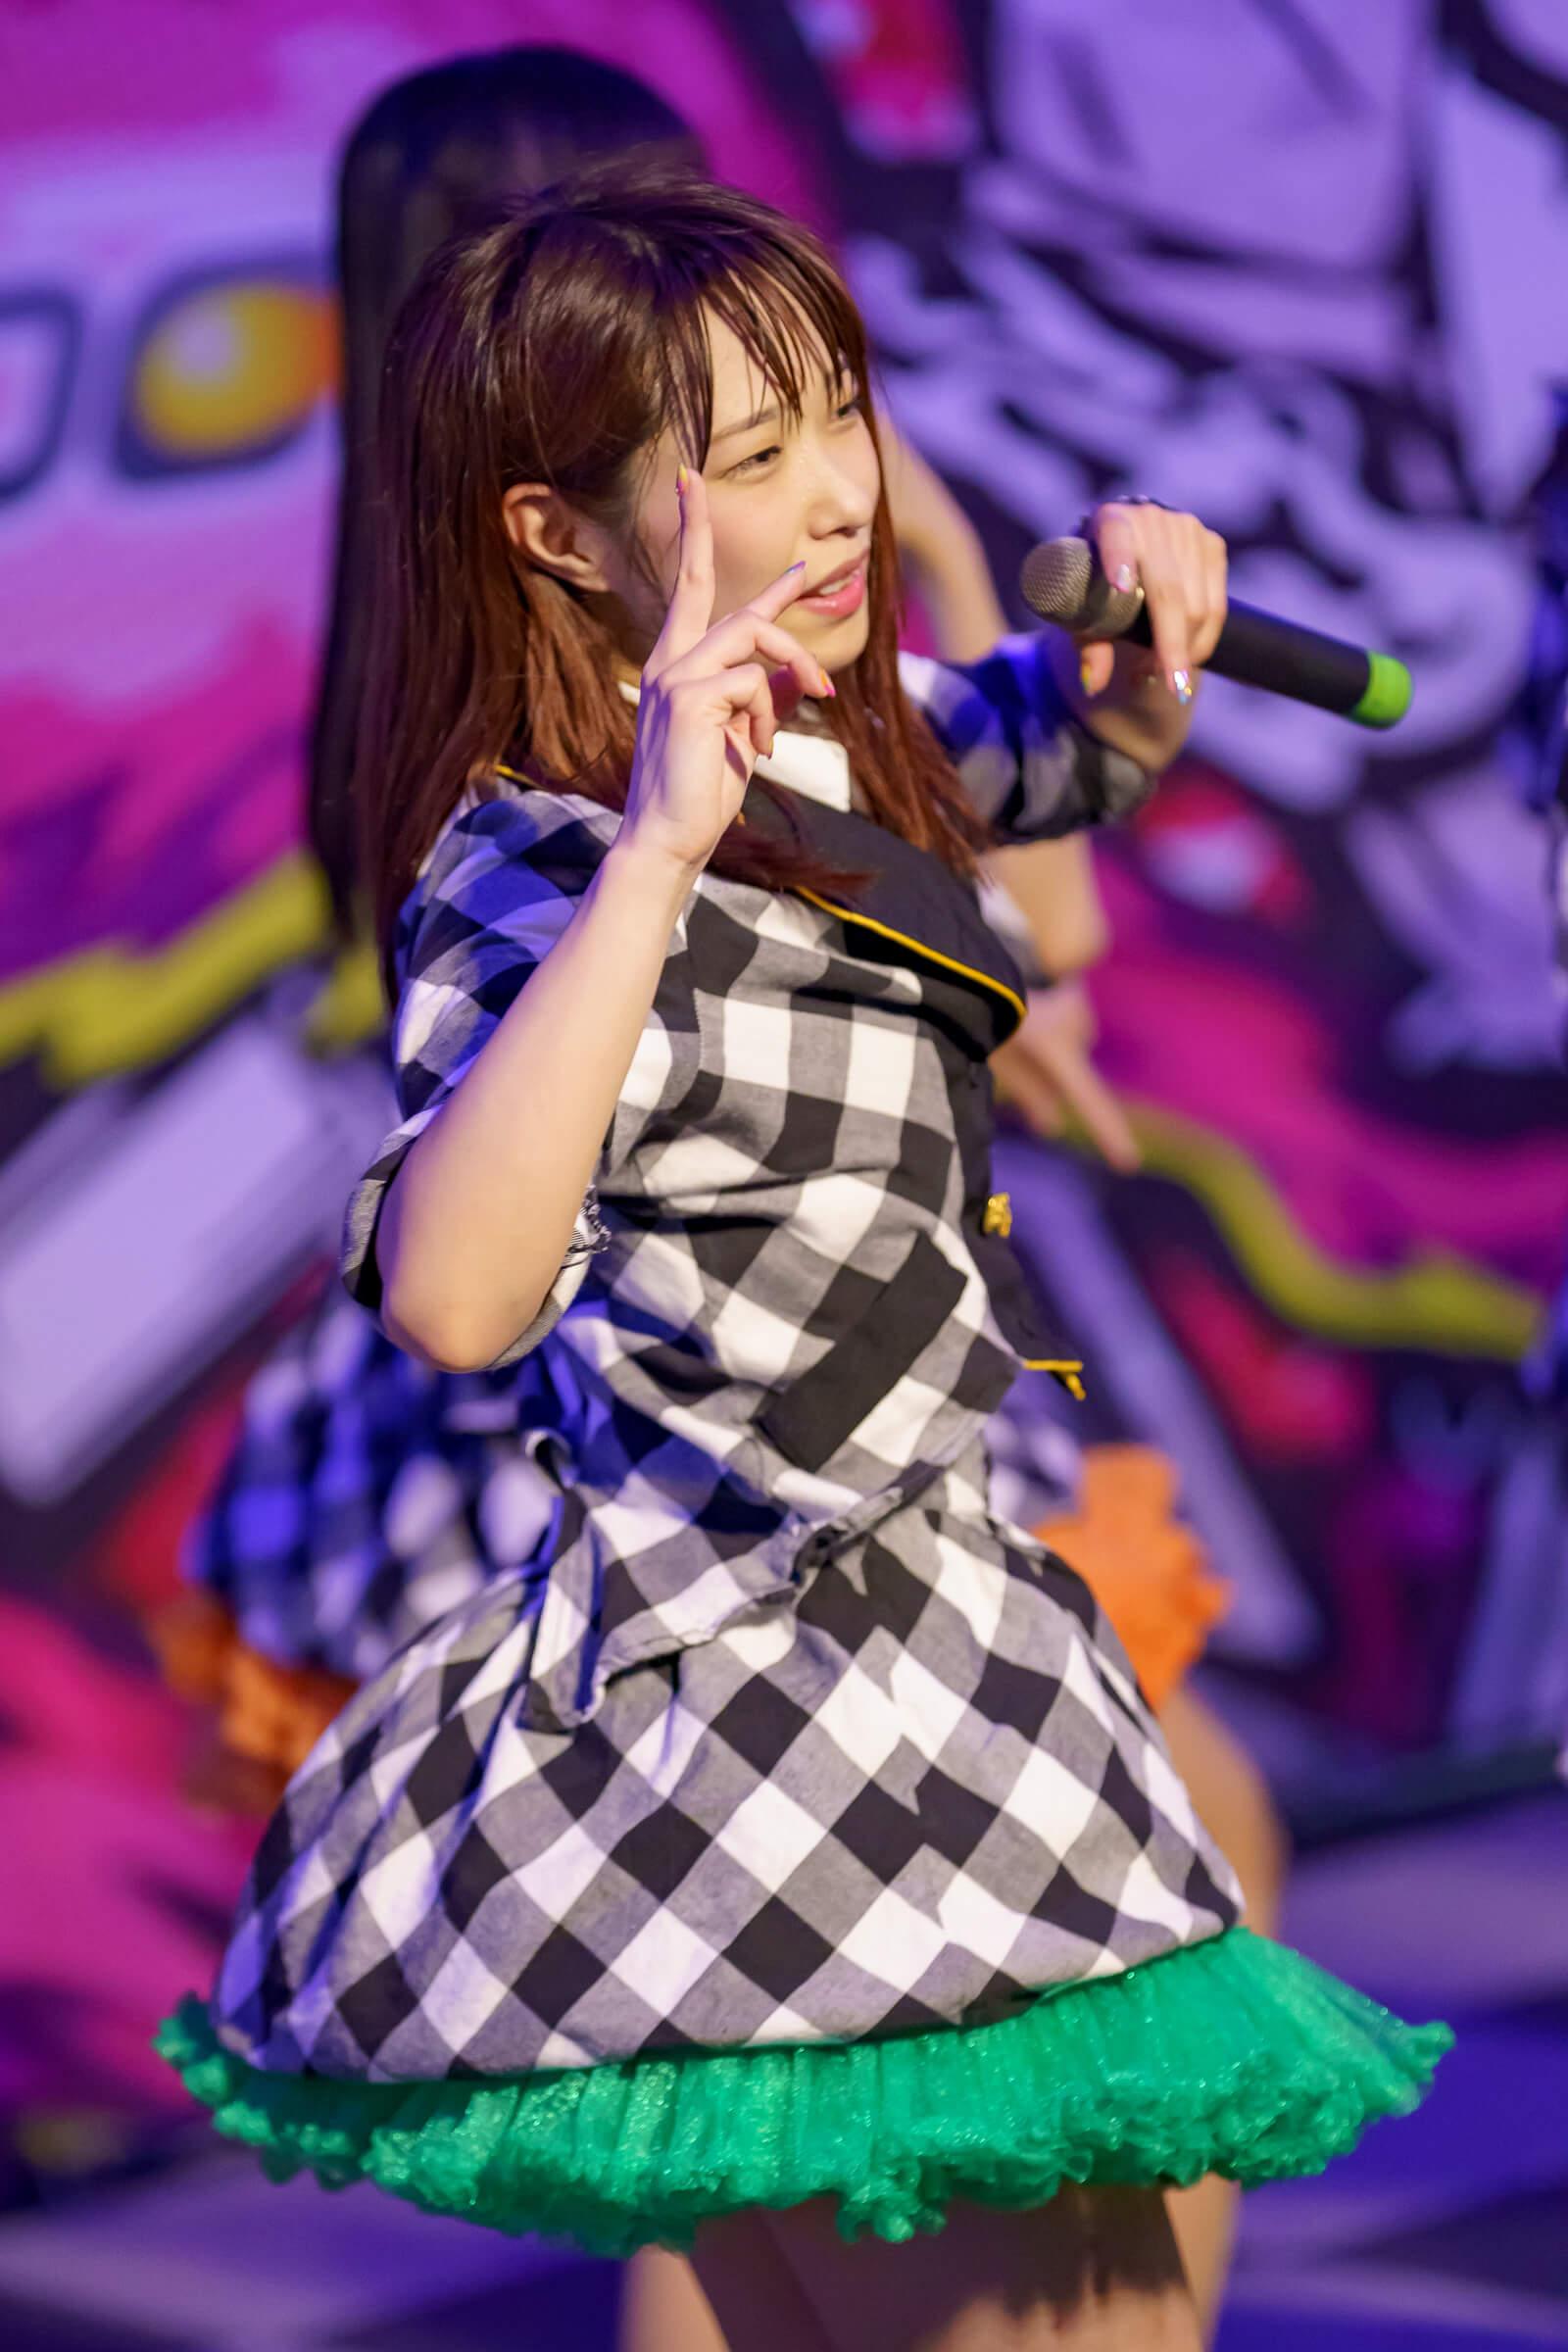 フルーティー♡ おばち ( 小原優花 ) | ディノスパーク×ライブプロ マンスリーLIVE vol.7